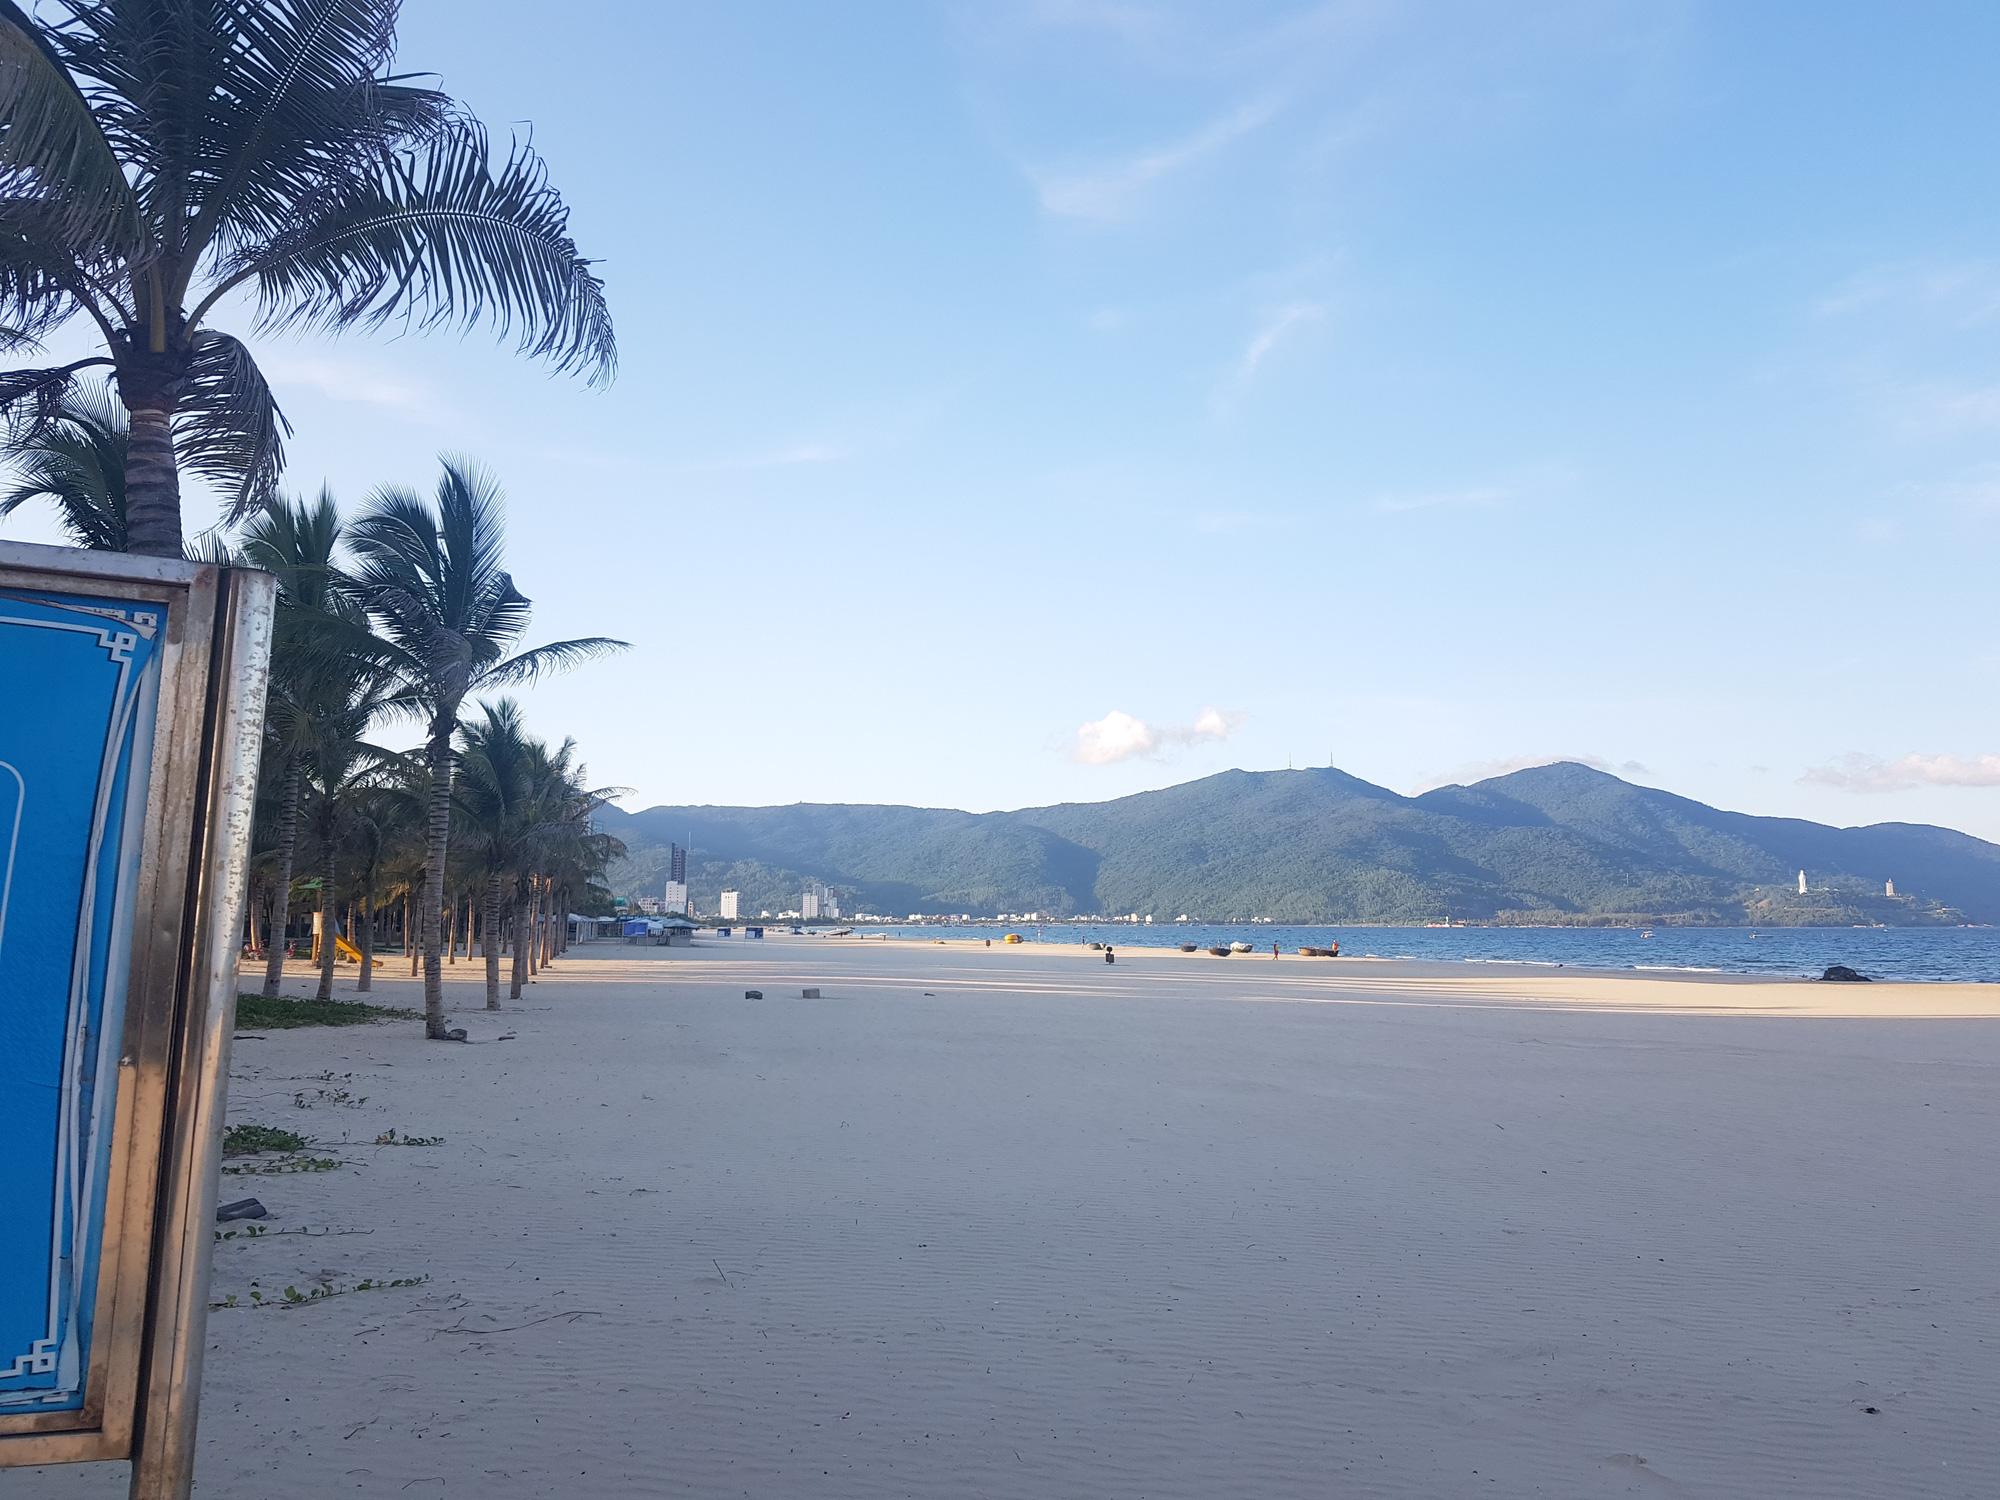 Biển Đà Nẵng không một bóng người - Ảnh 3.